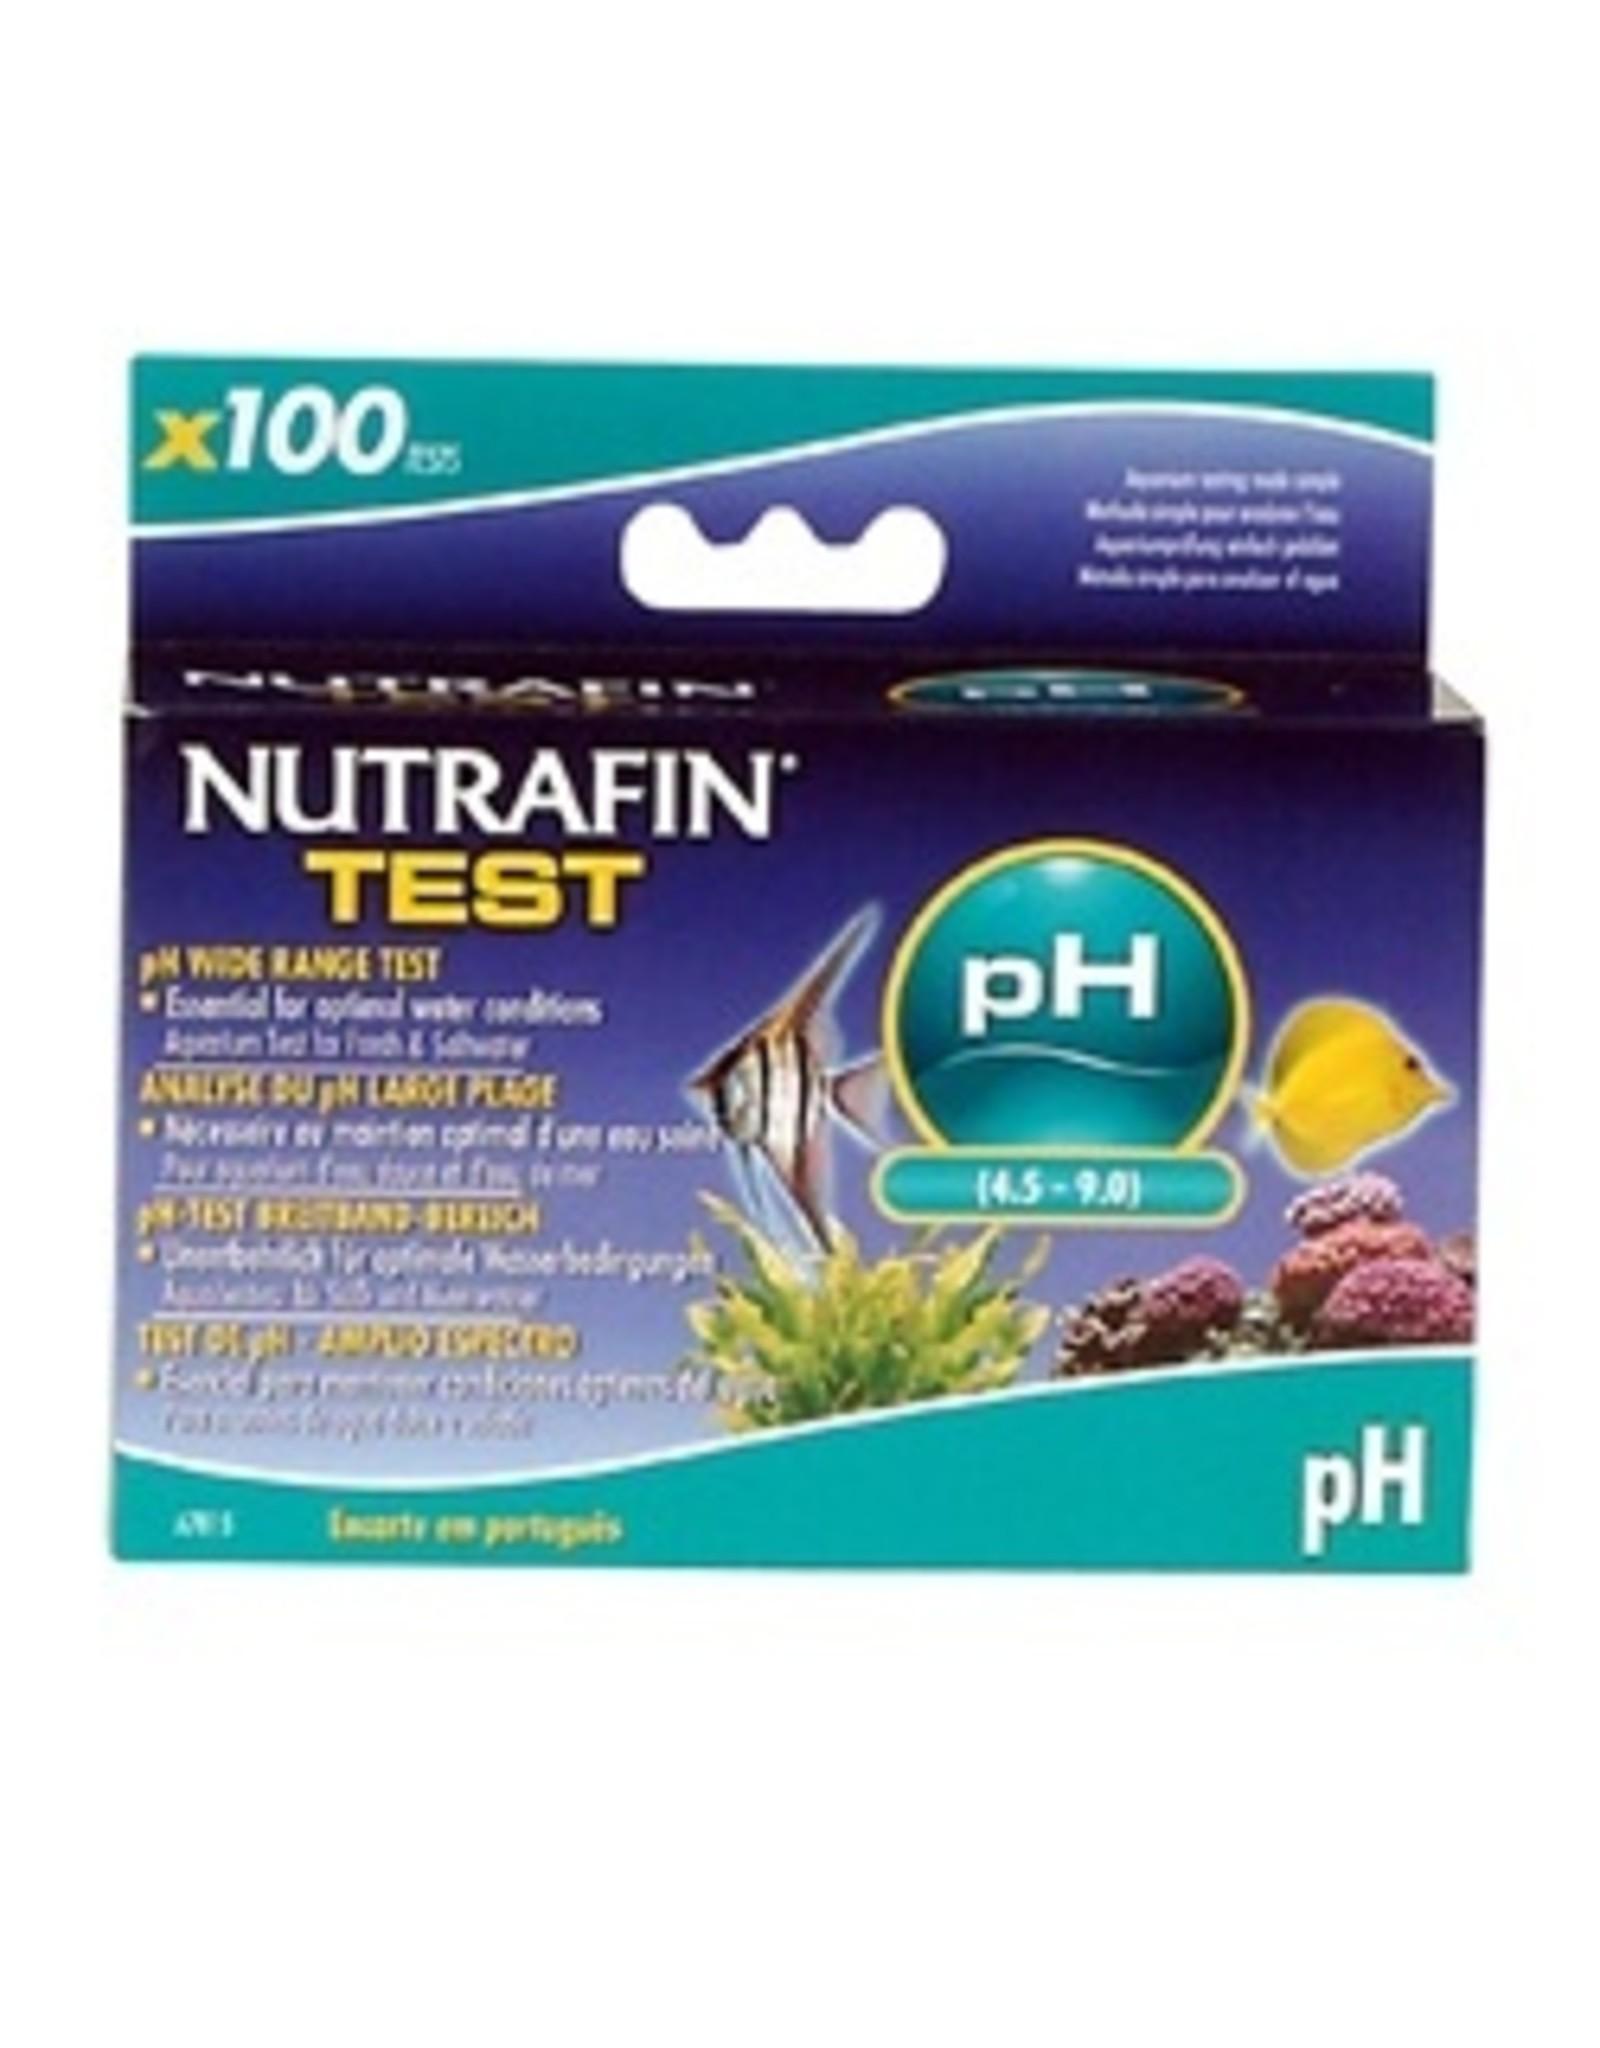 NF - Nutrafin Ph Wide Range 100 Tests